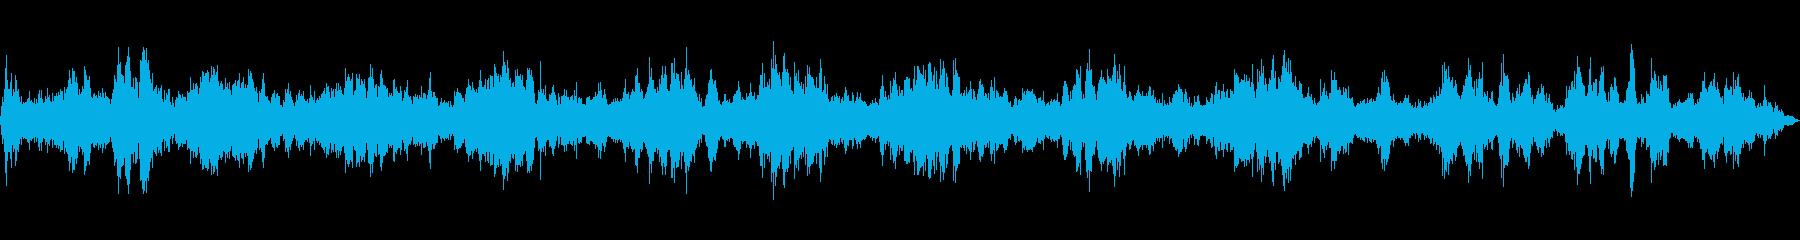 タービン複合体の回転運動の共振の進化の再生済みの波形